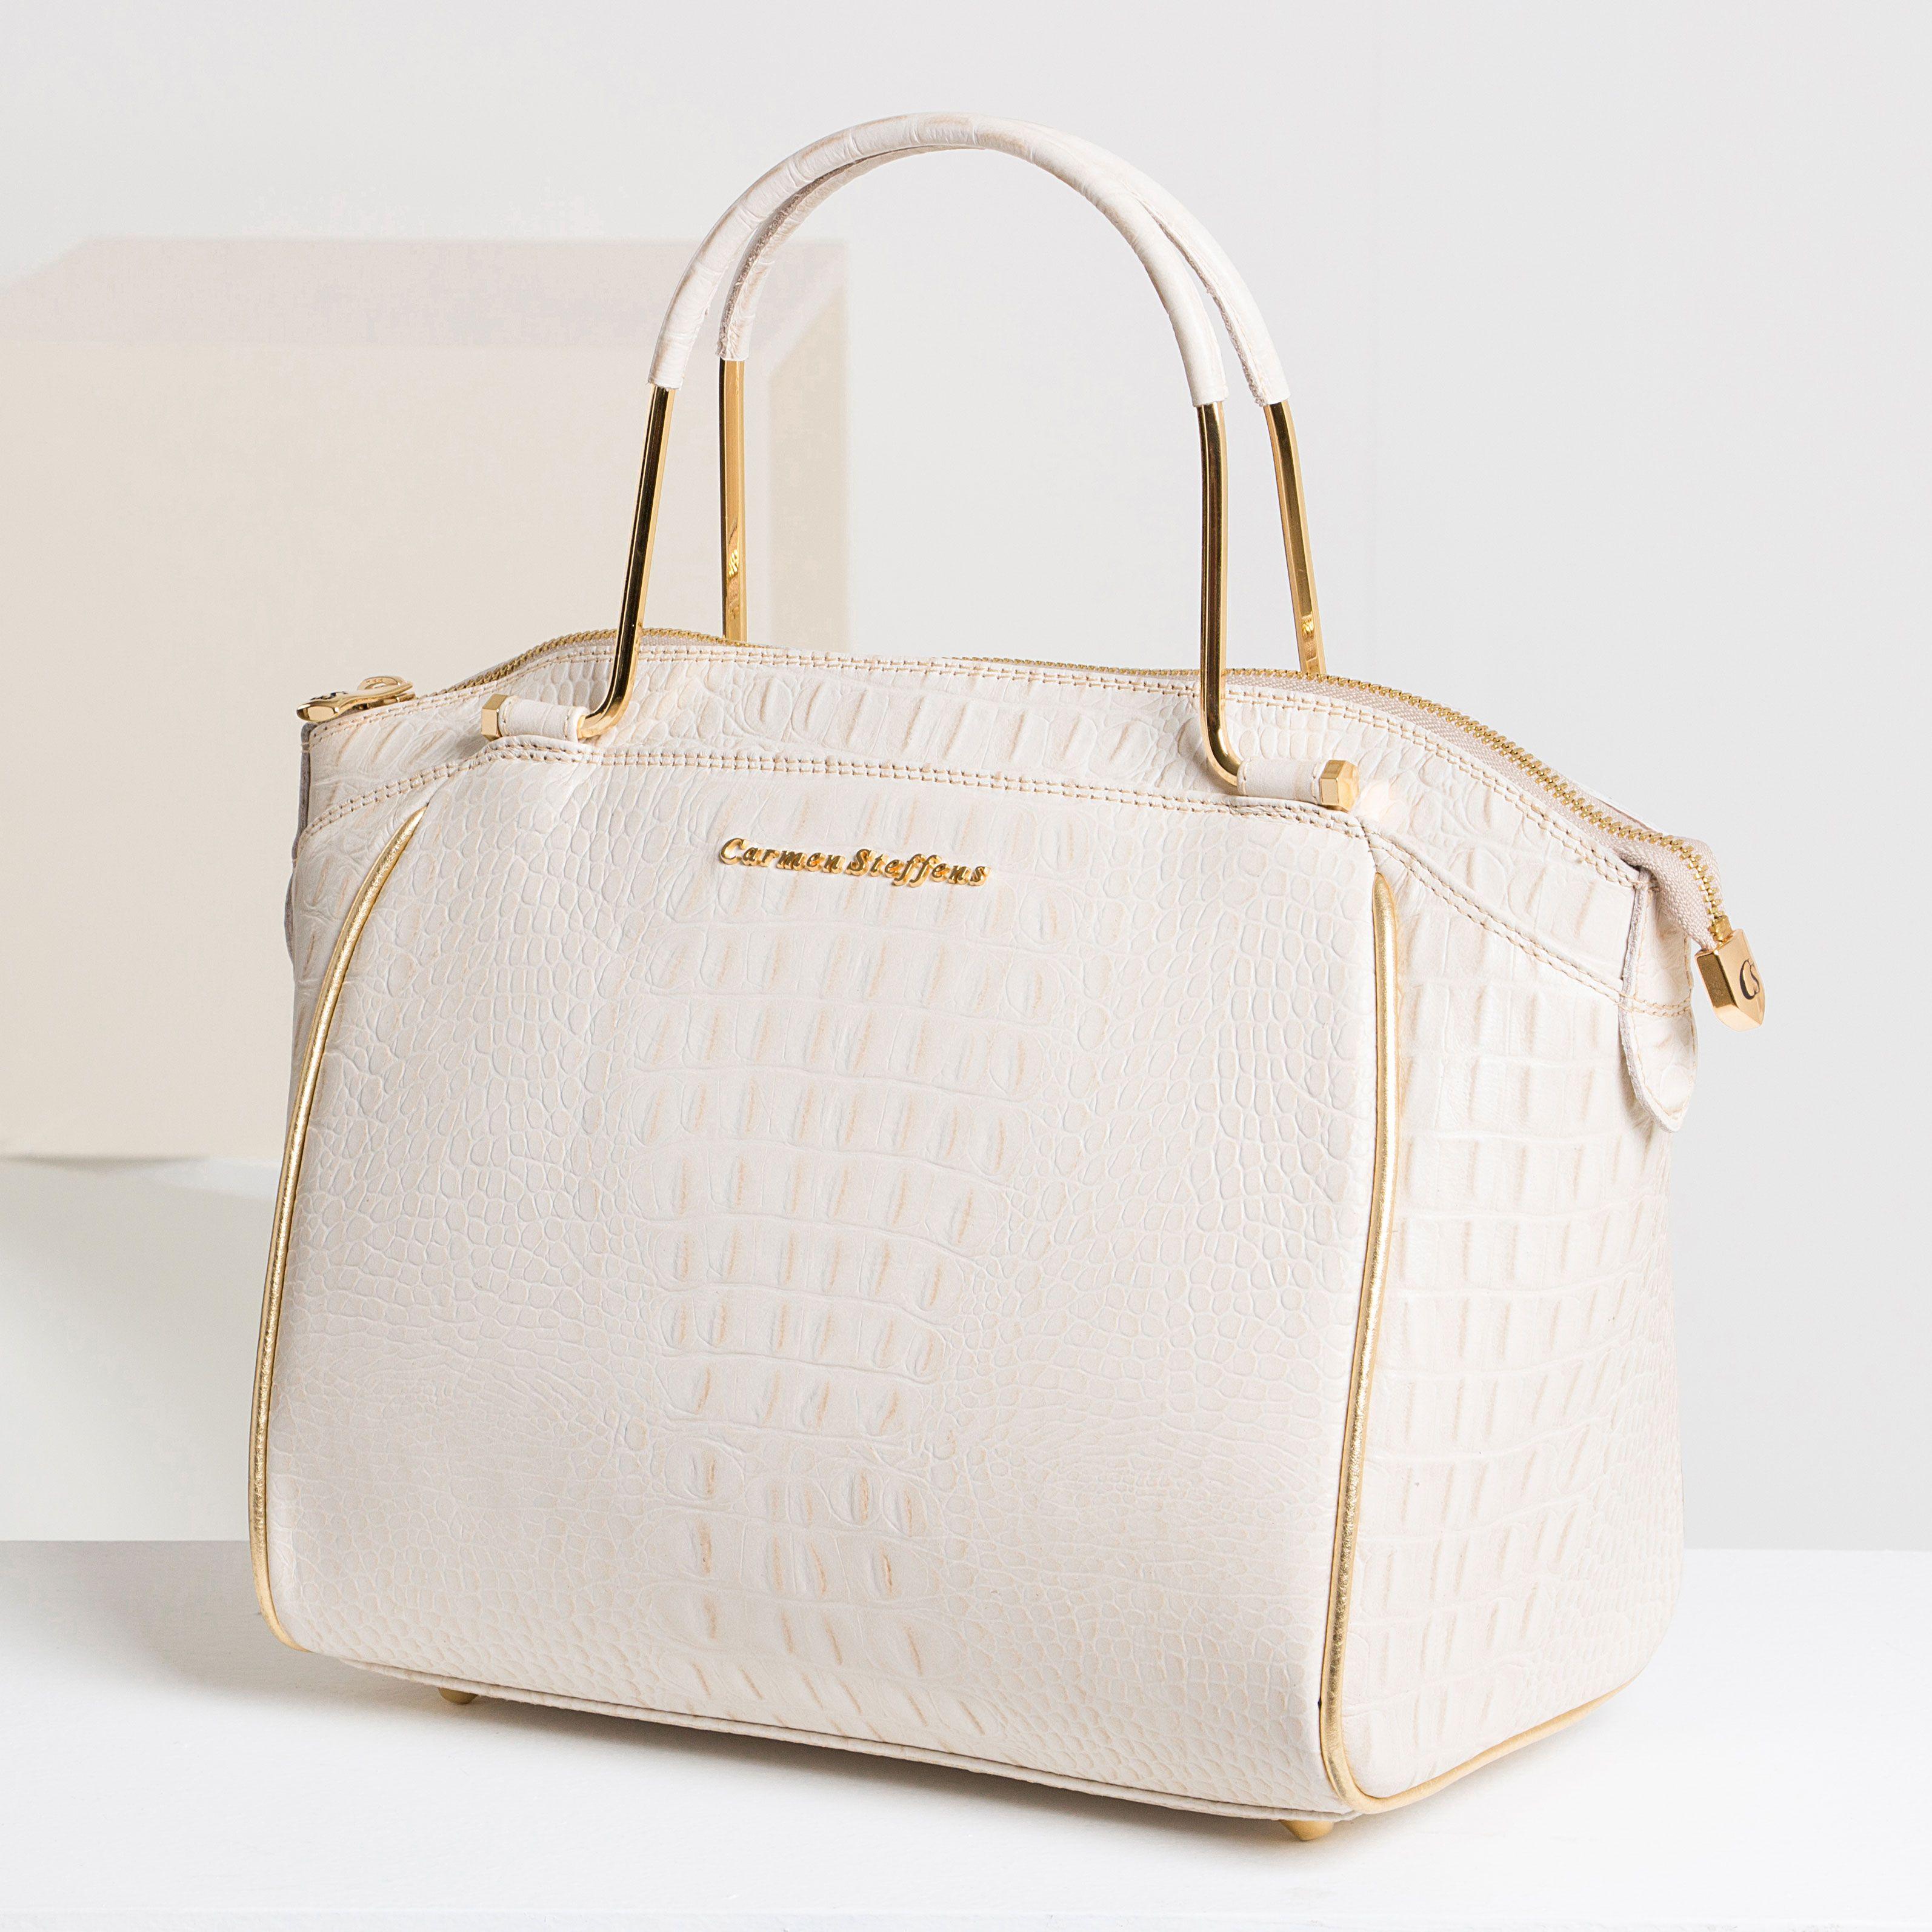 6b4a040a0 Amor à primeira vista: a bolsa off white além de supersofisticada é  perfeita para o dia ou noite.